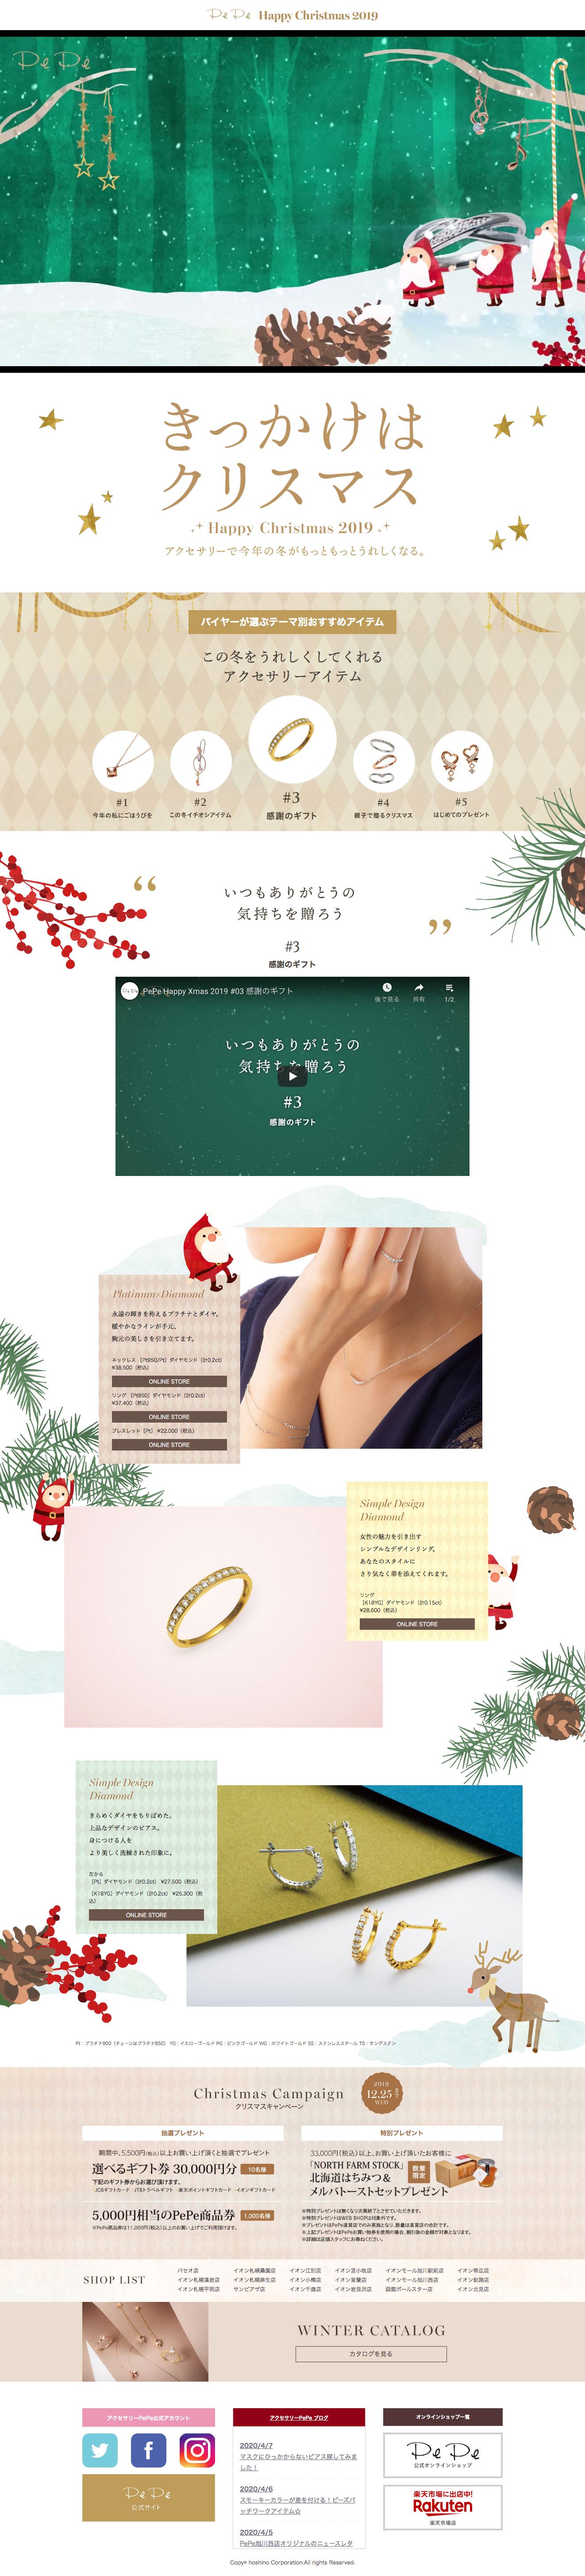 クリスマスランディングページ